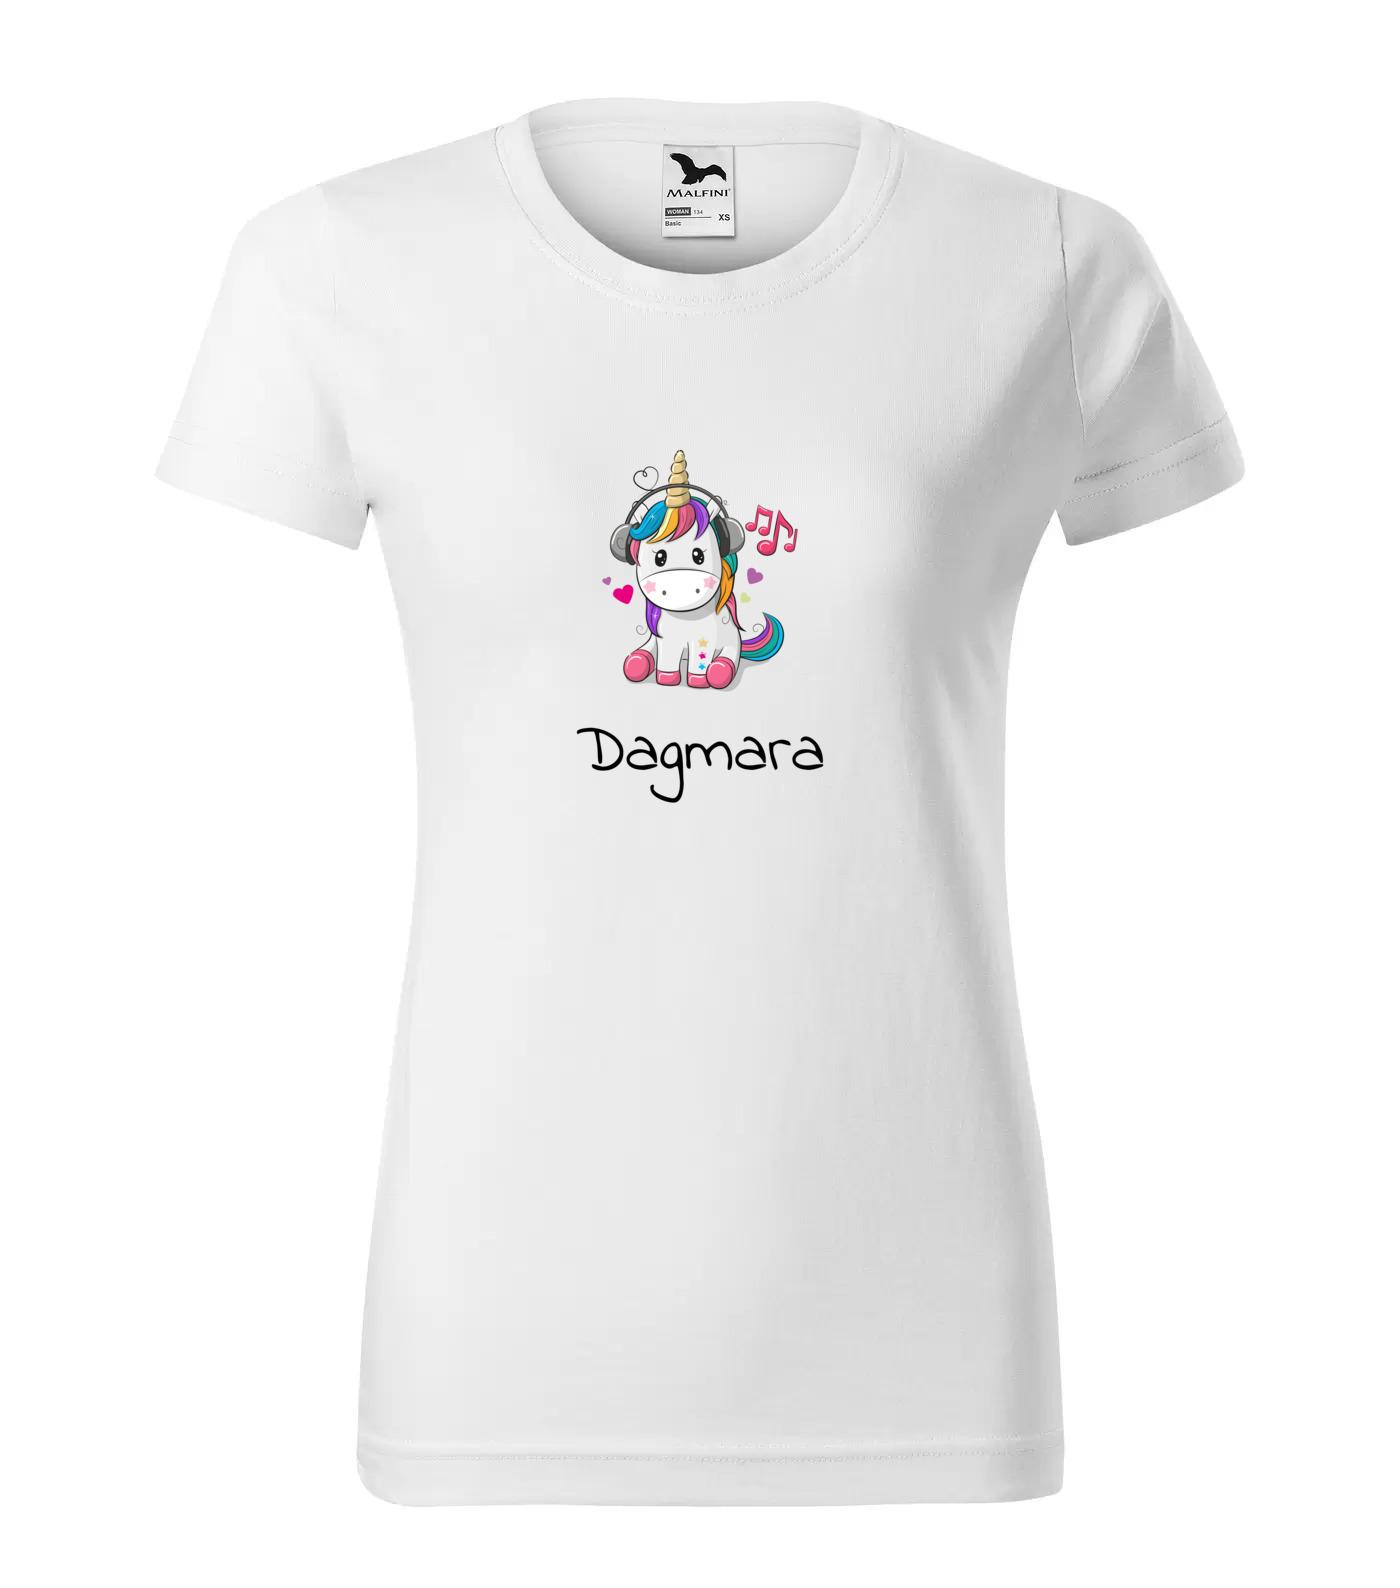 Tričko Jednorožec Dagmara